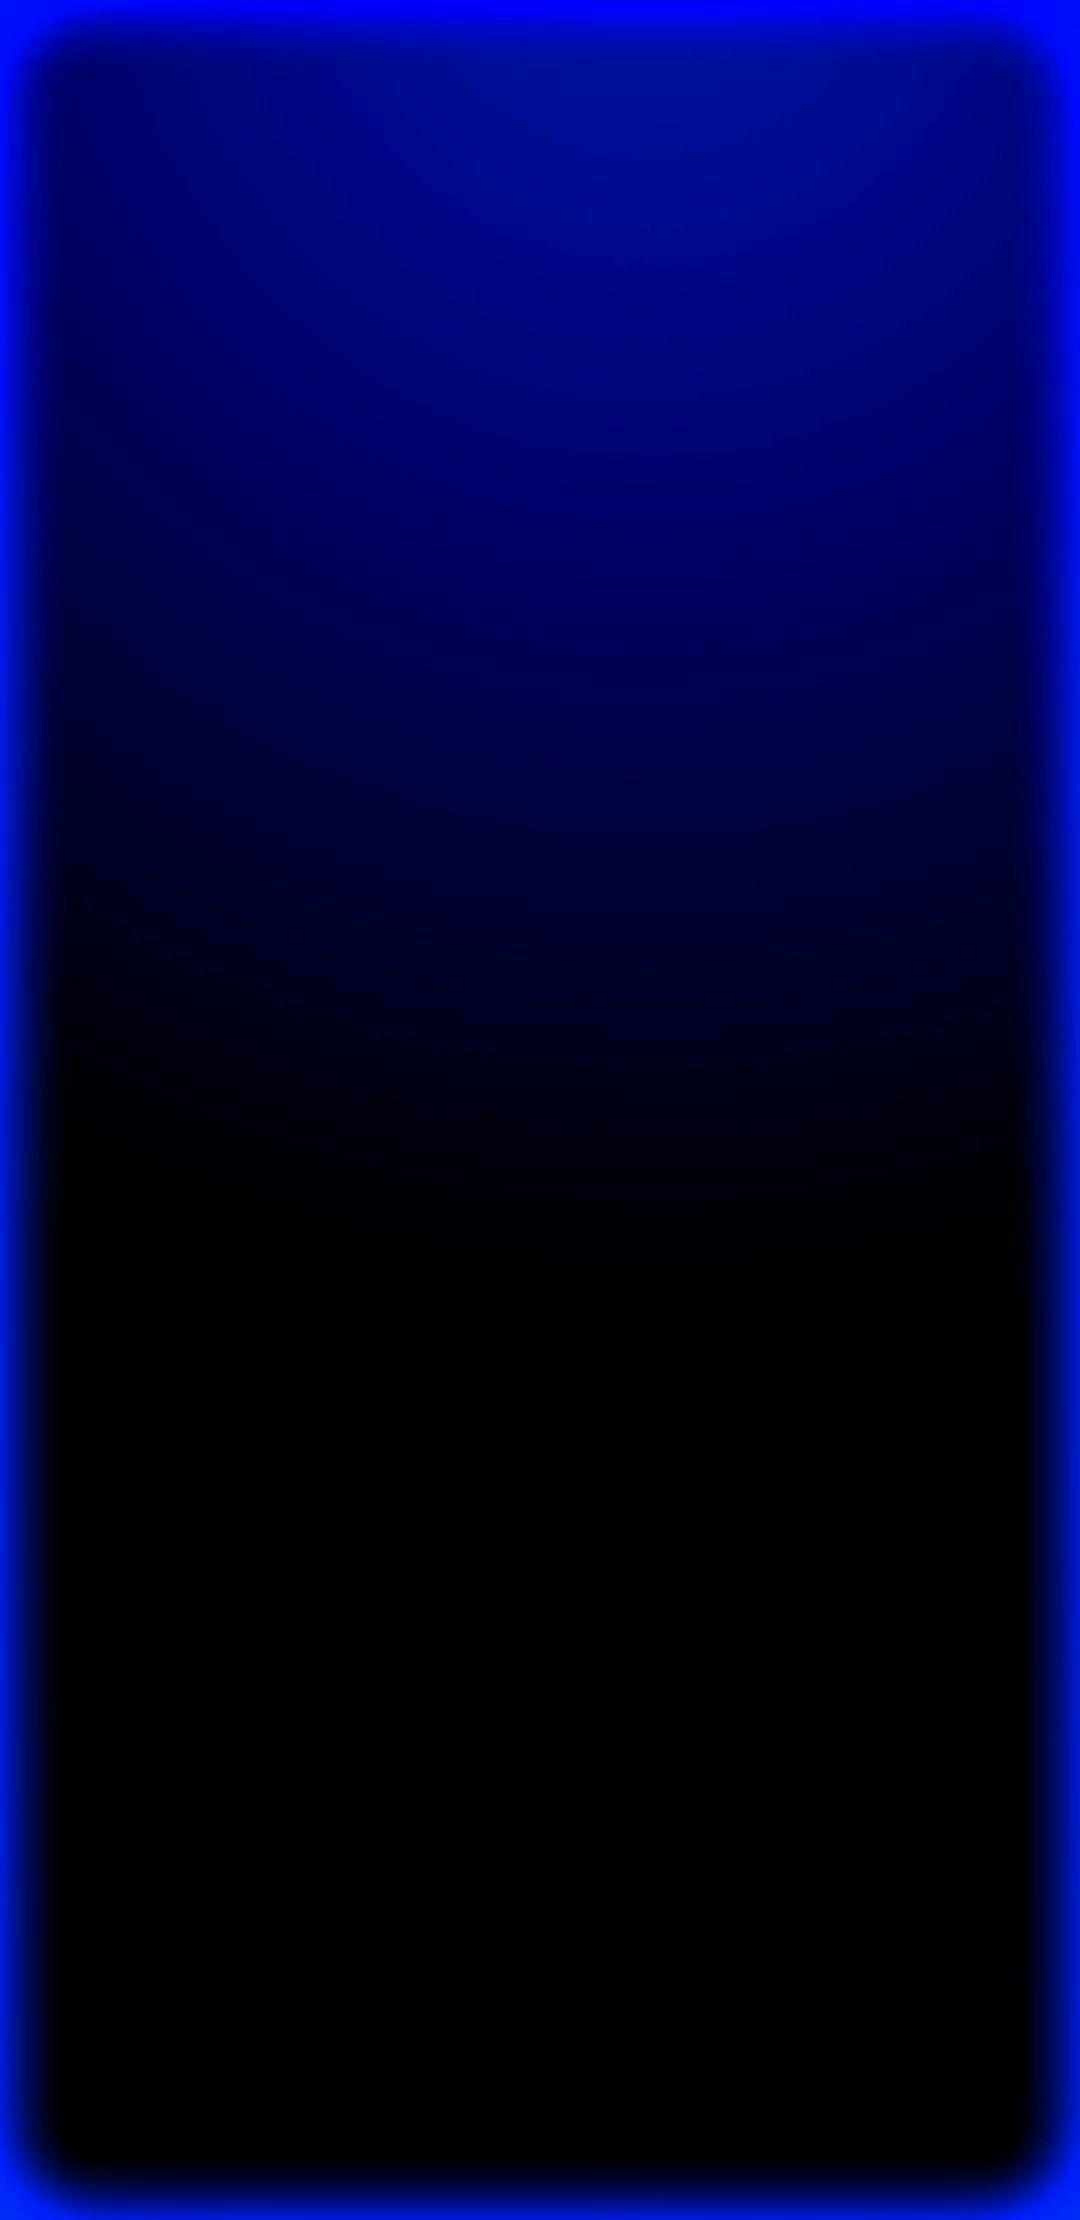 1080x2220 Mohammad Khan trên Hình nền.  Hình nền màu xanh đậm